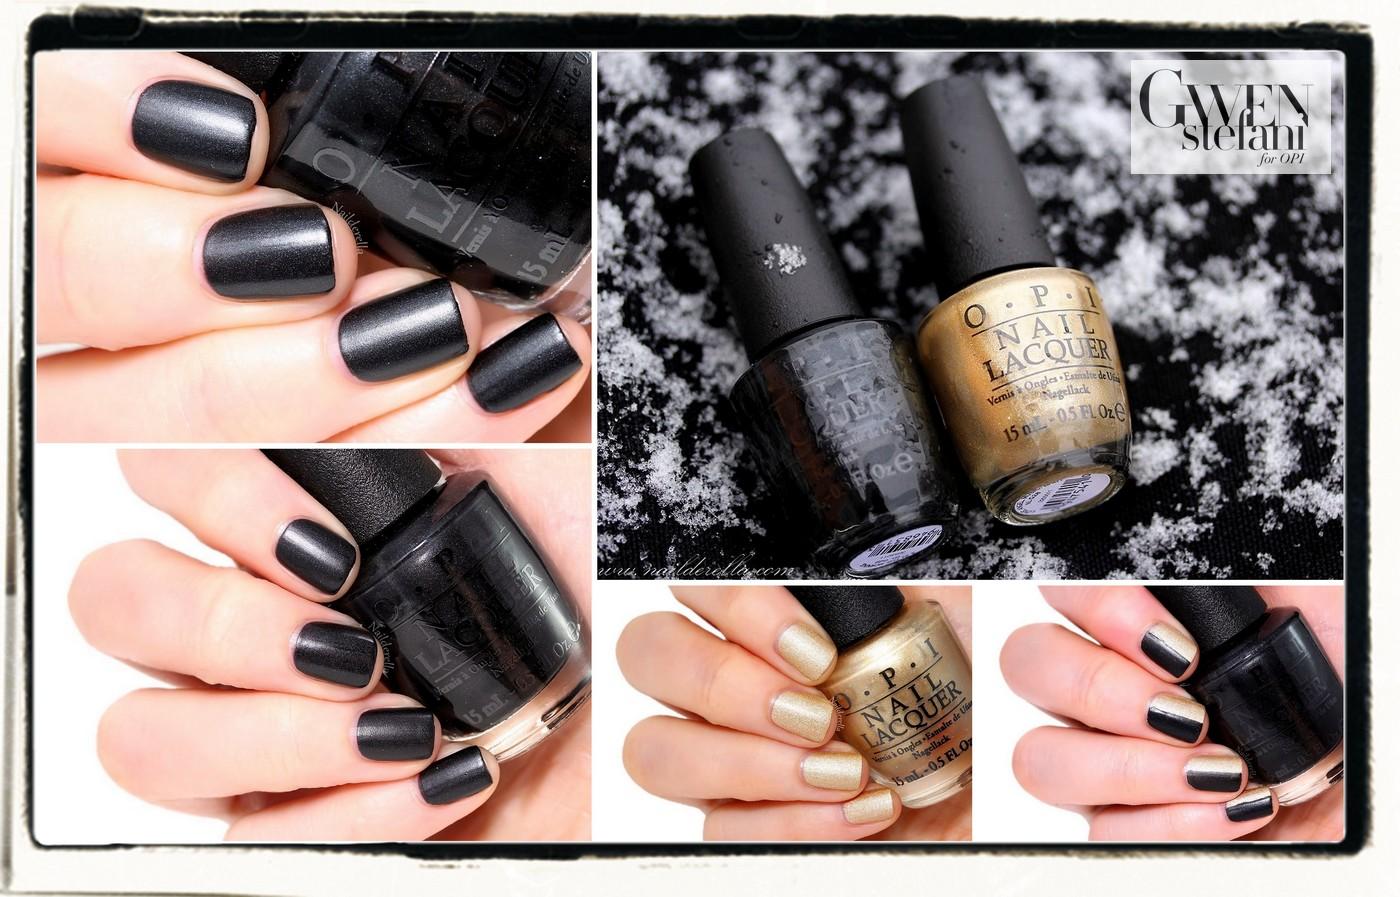 Gwen Stefani for OPI - the matte polishes   Nailderella   Bloglovin\'